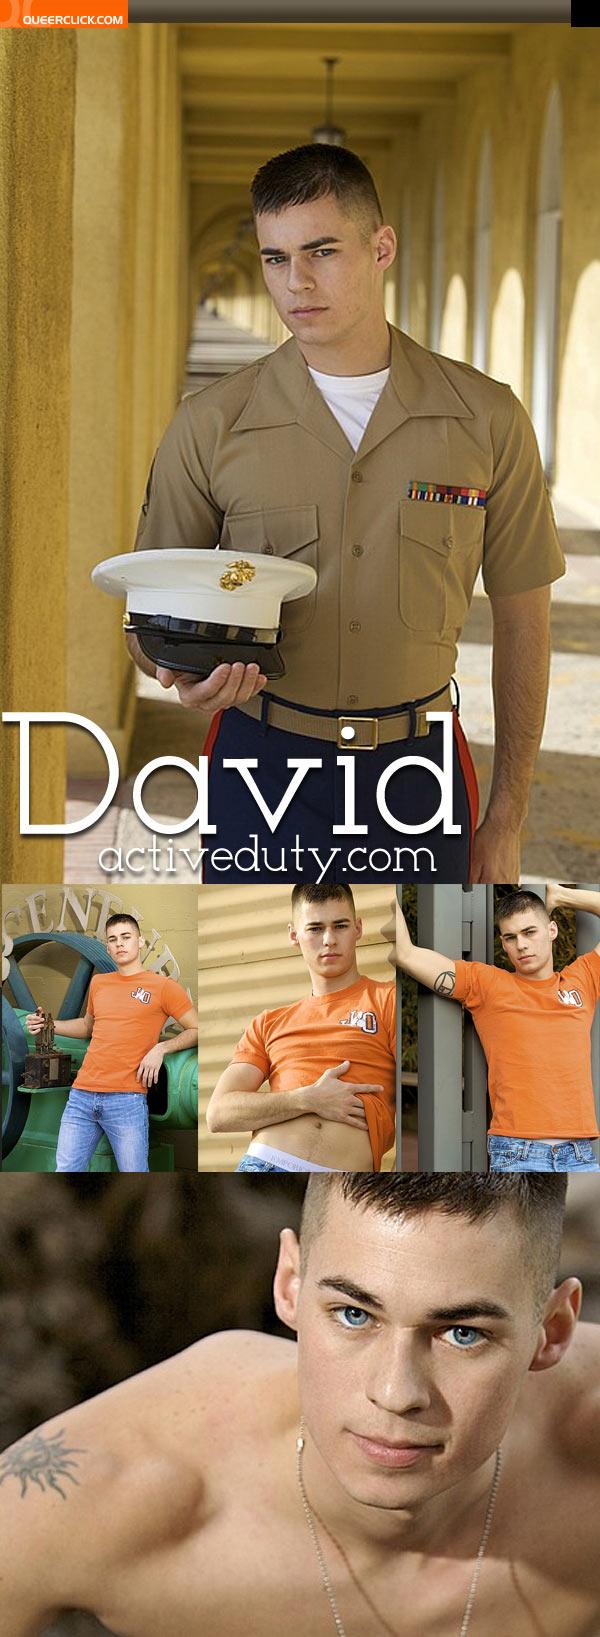 active duty david